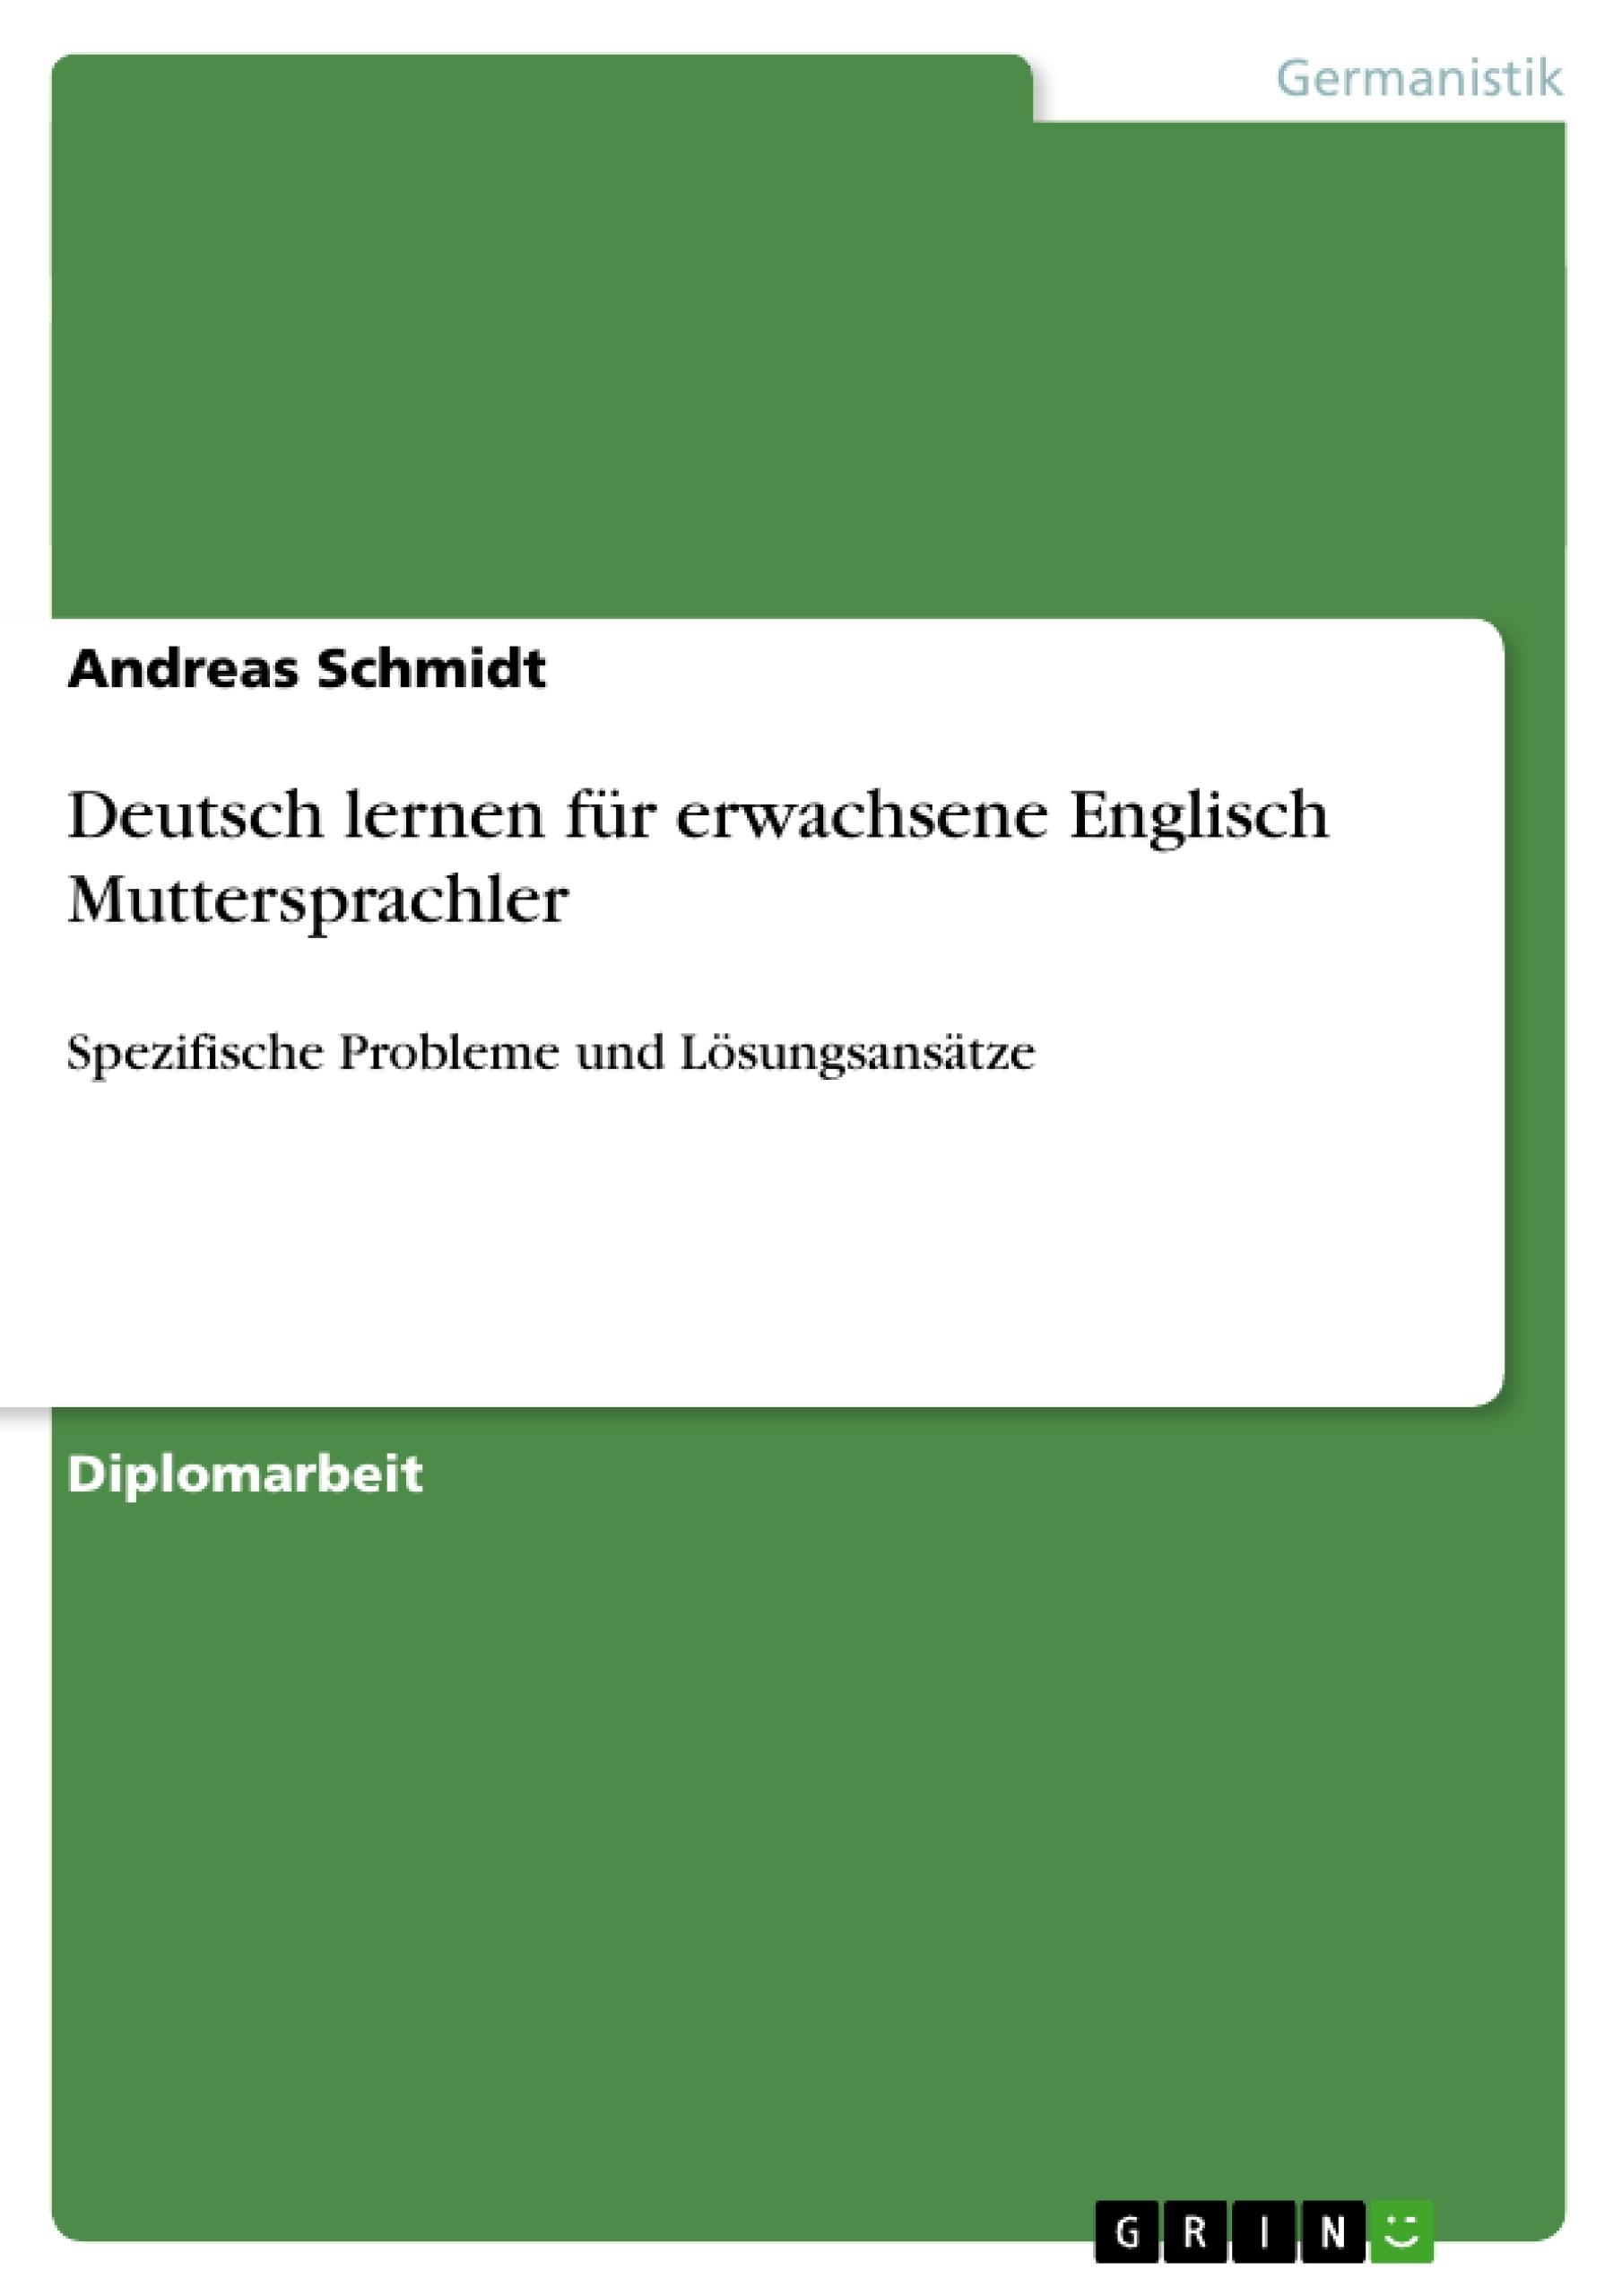 Titel: Deutsch lernen für erwachsene Englisch Muttersprachler